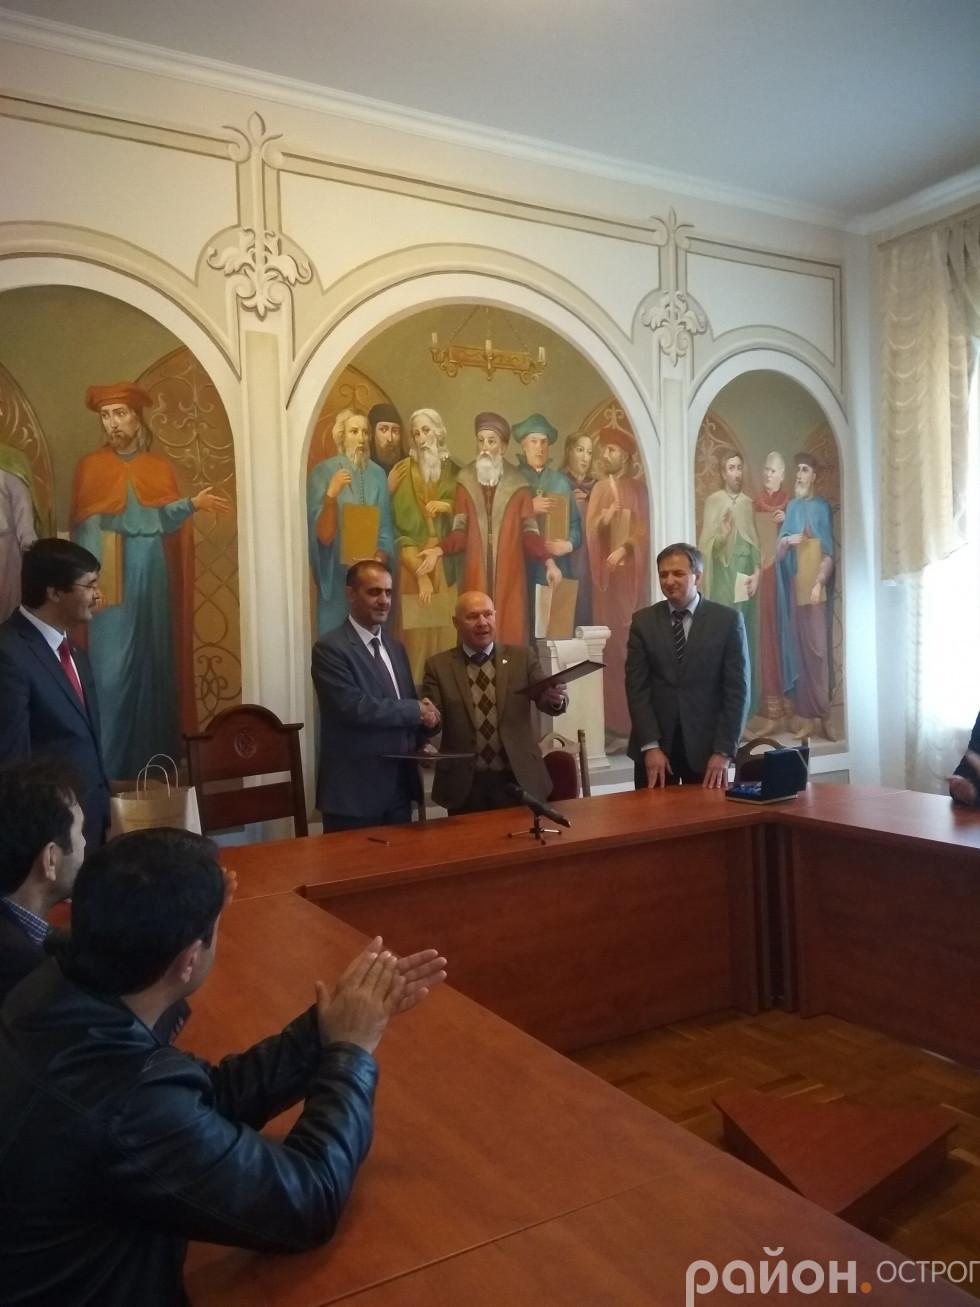 Ігор Пасічник, ректор НаУОА, та Синан Оге, декан теологічного факультету з Туреччини, підписали угоду про співпрацю